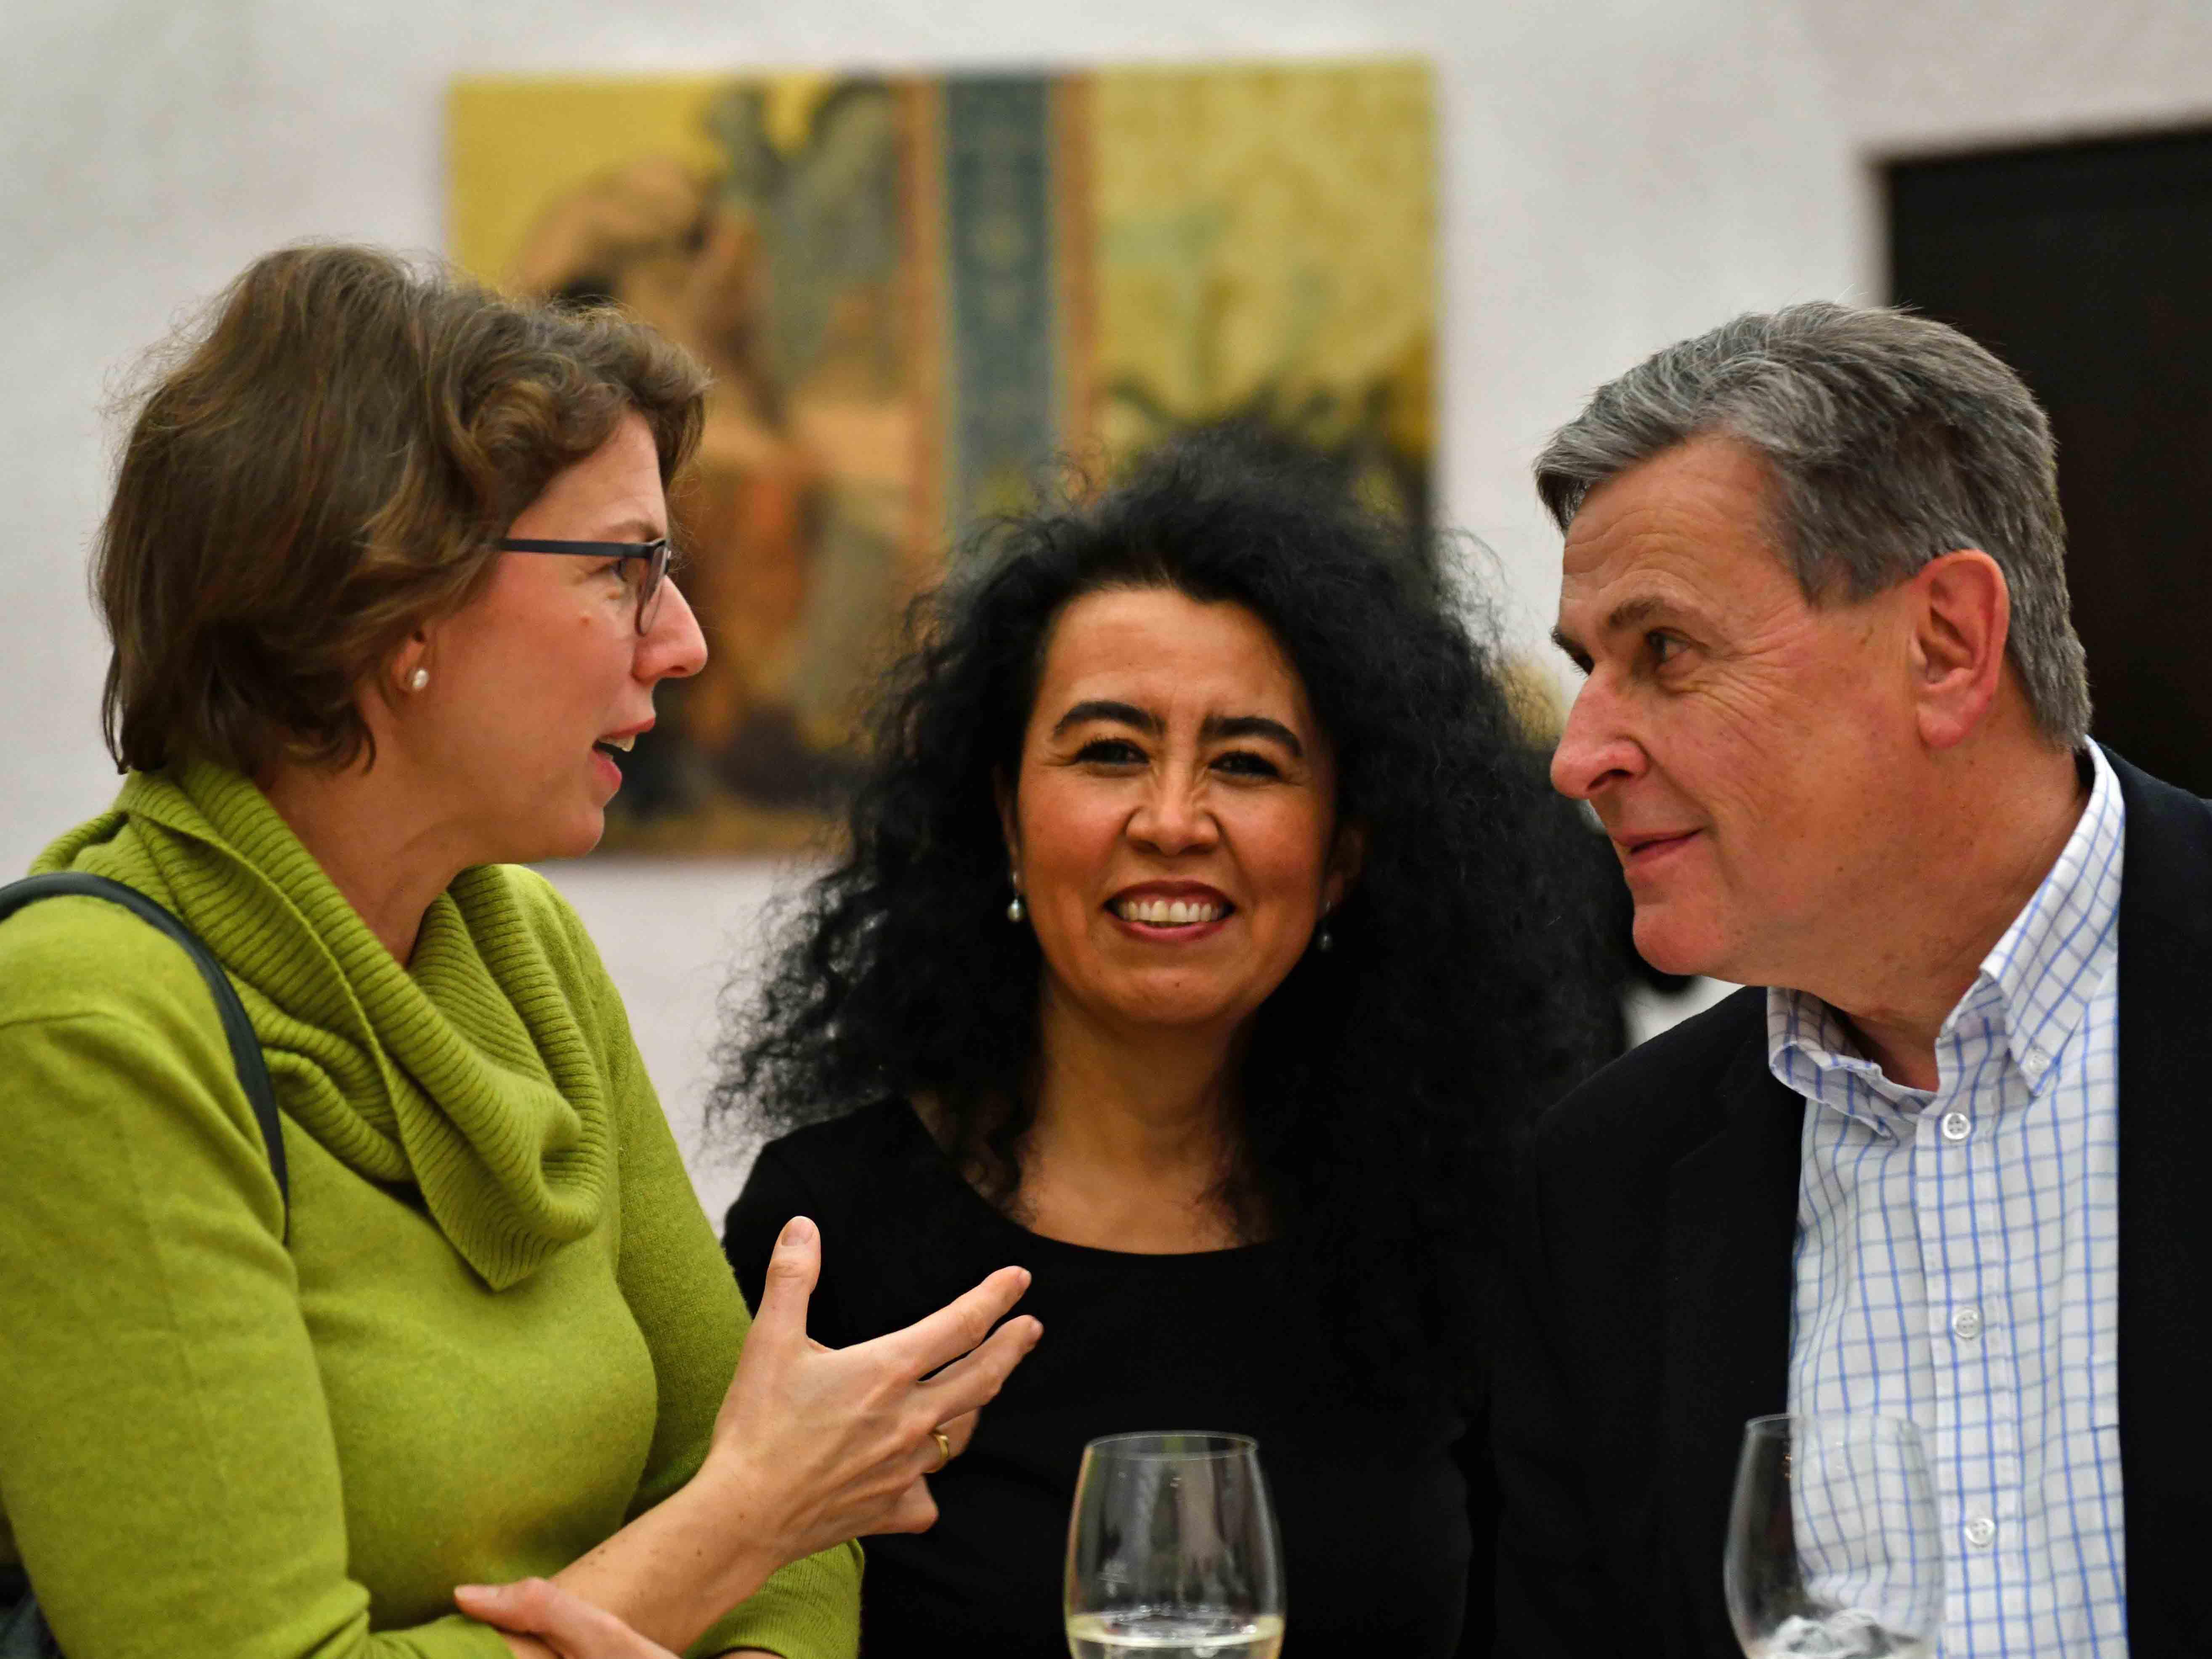 Angeregte Gespräche mit der chilenischen Künstlerin Lilian Moreno Sánchez (Mitte) bei der Vernissage im Haus St. Ulrich. (Foto: Julian Schmidt / pba)